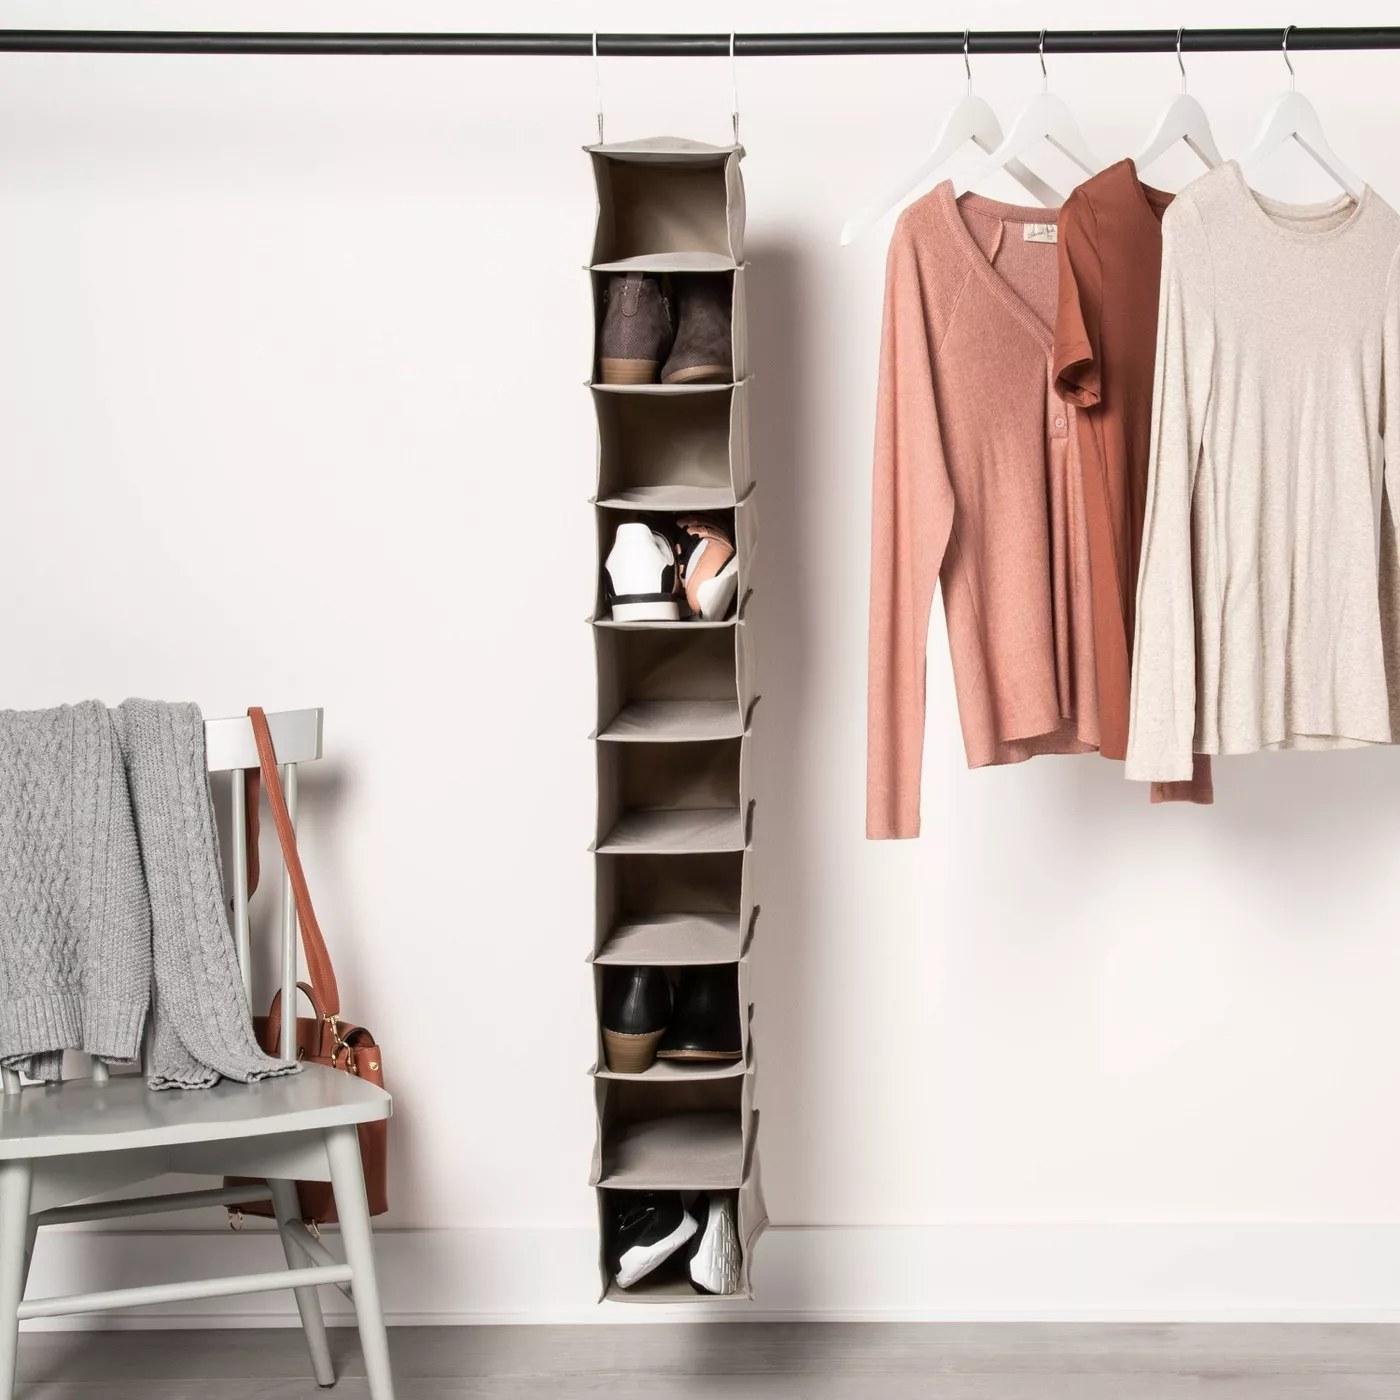 A hanging shoe shelf